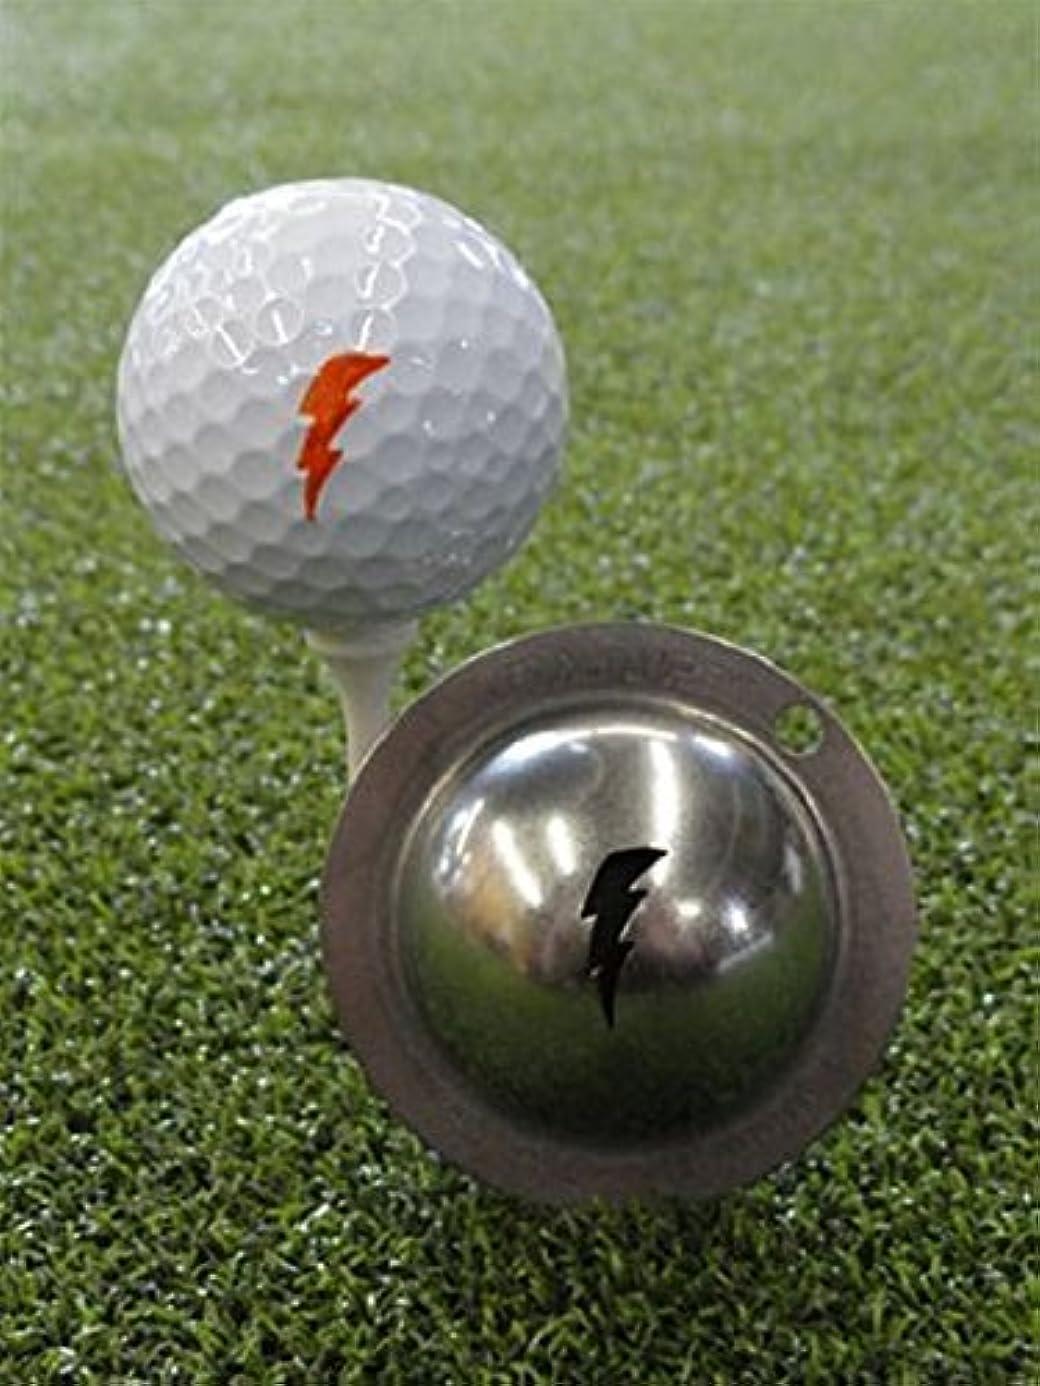 お風呂を持っている雇用ビットTin Cup ゴルフボール カスタムマーカー アライメントツール モデル